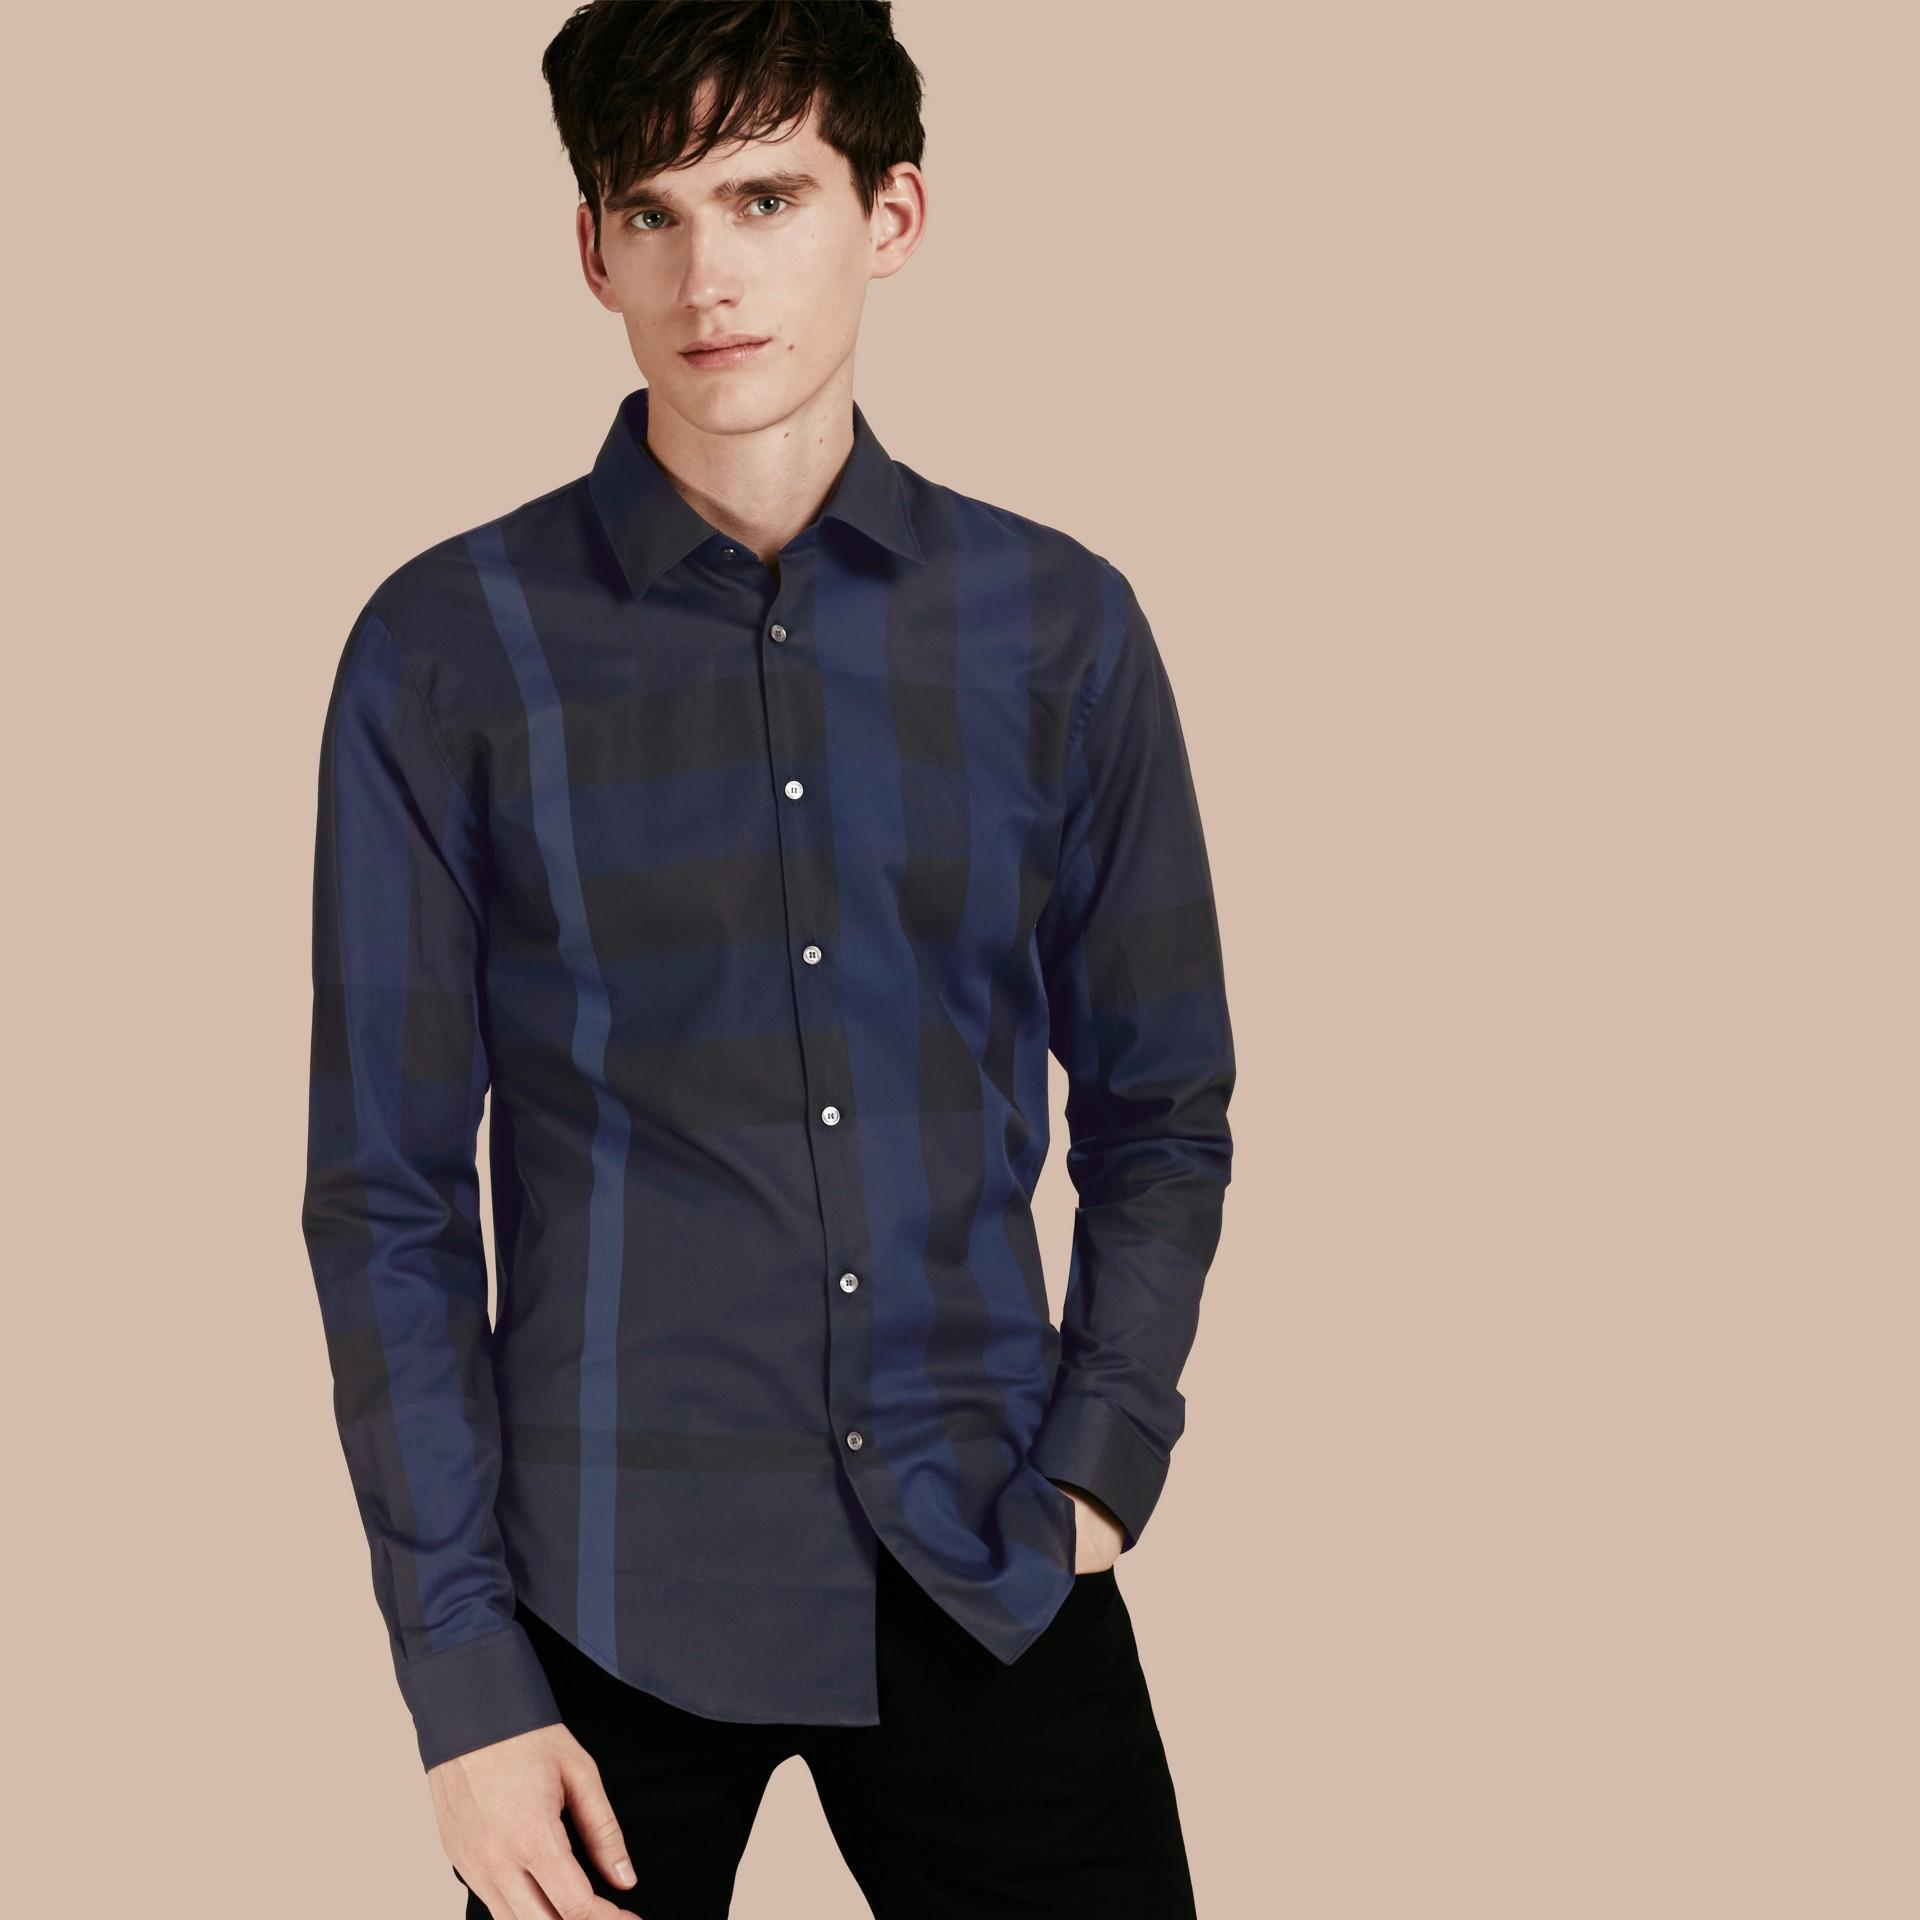 Azul marinho Camisa de algodão com estampa xadrez Azul Marinho - galeria de imagens 1